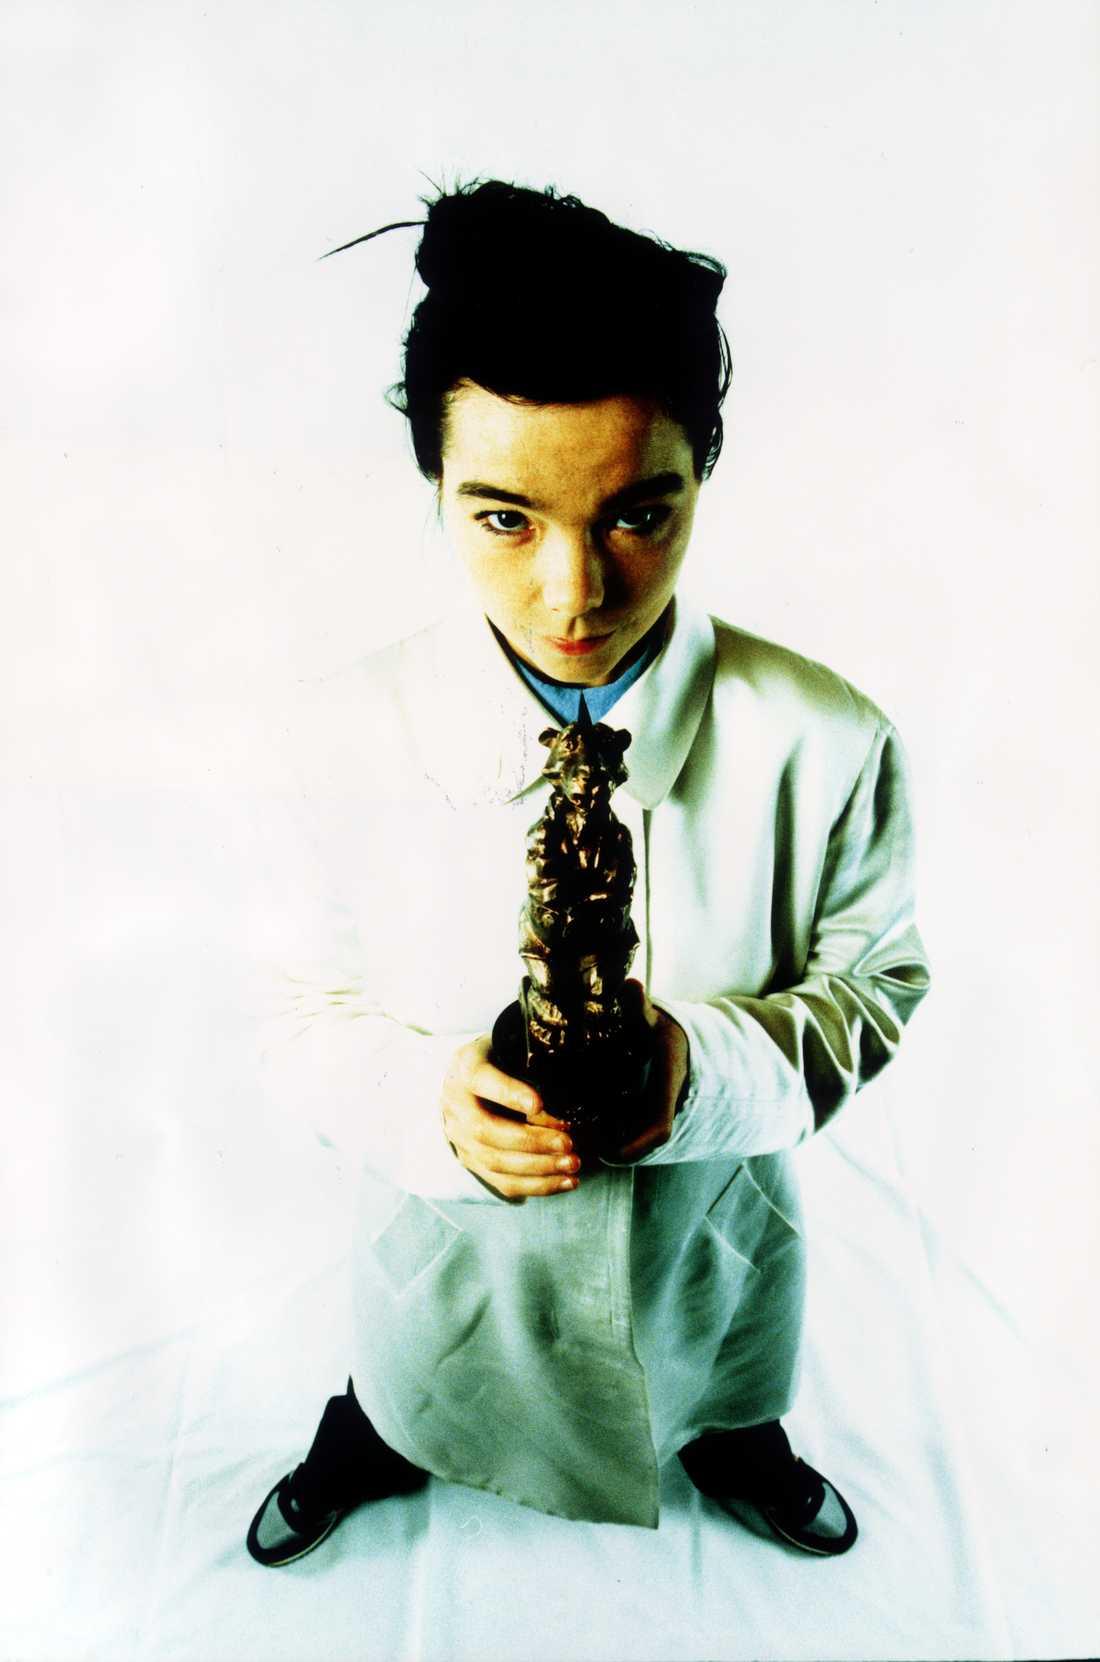 Titta på bilden som togs efter att isländskan röstades fram till årets utländska artist 1995. Björk är och förblir en av våra hårdaste rockstjärnor någonsin.